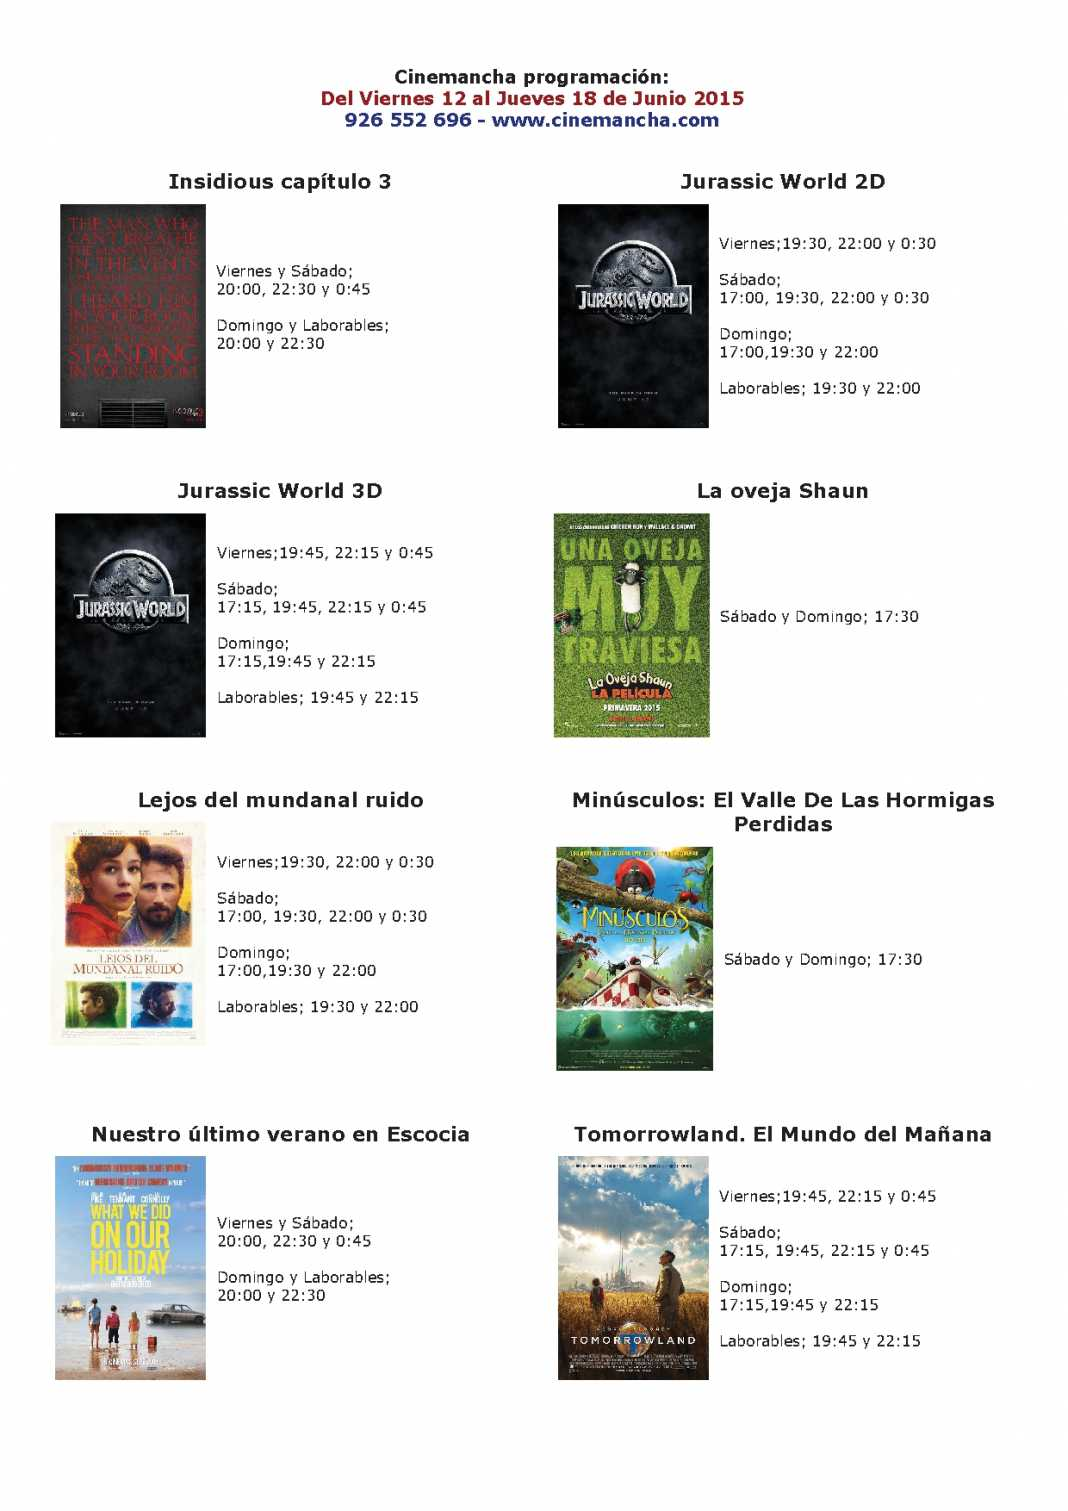 Cartelera de Cinemancha del 12 al 18 de junio 1